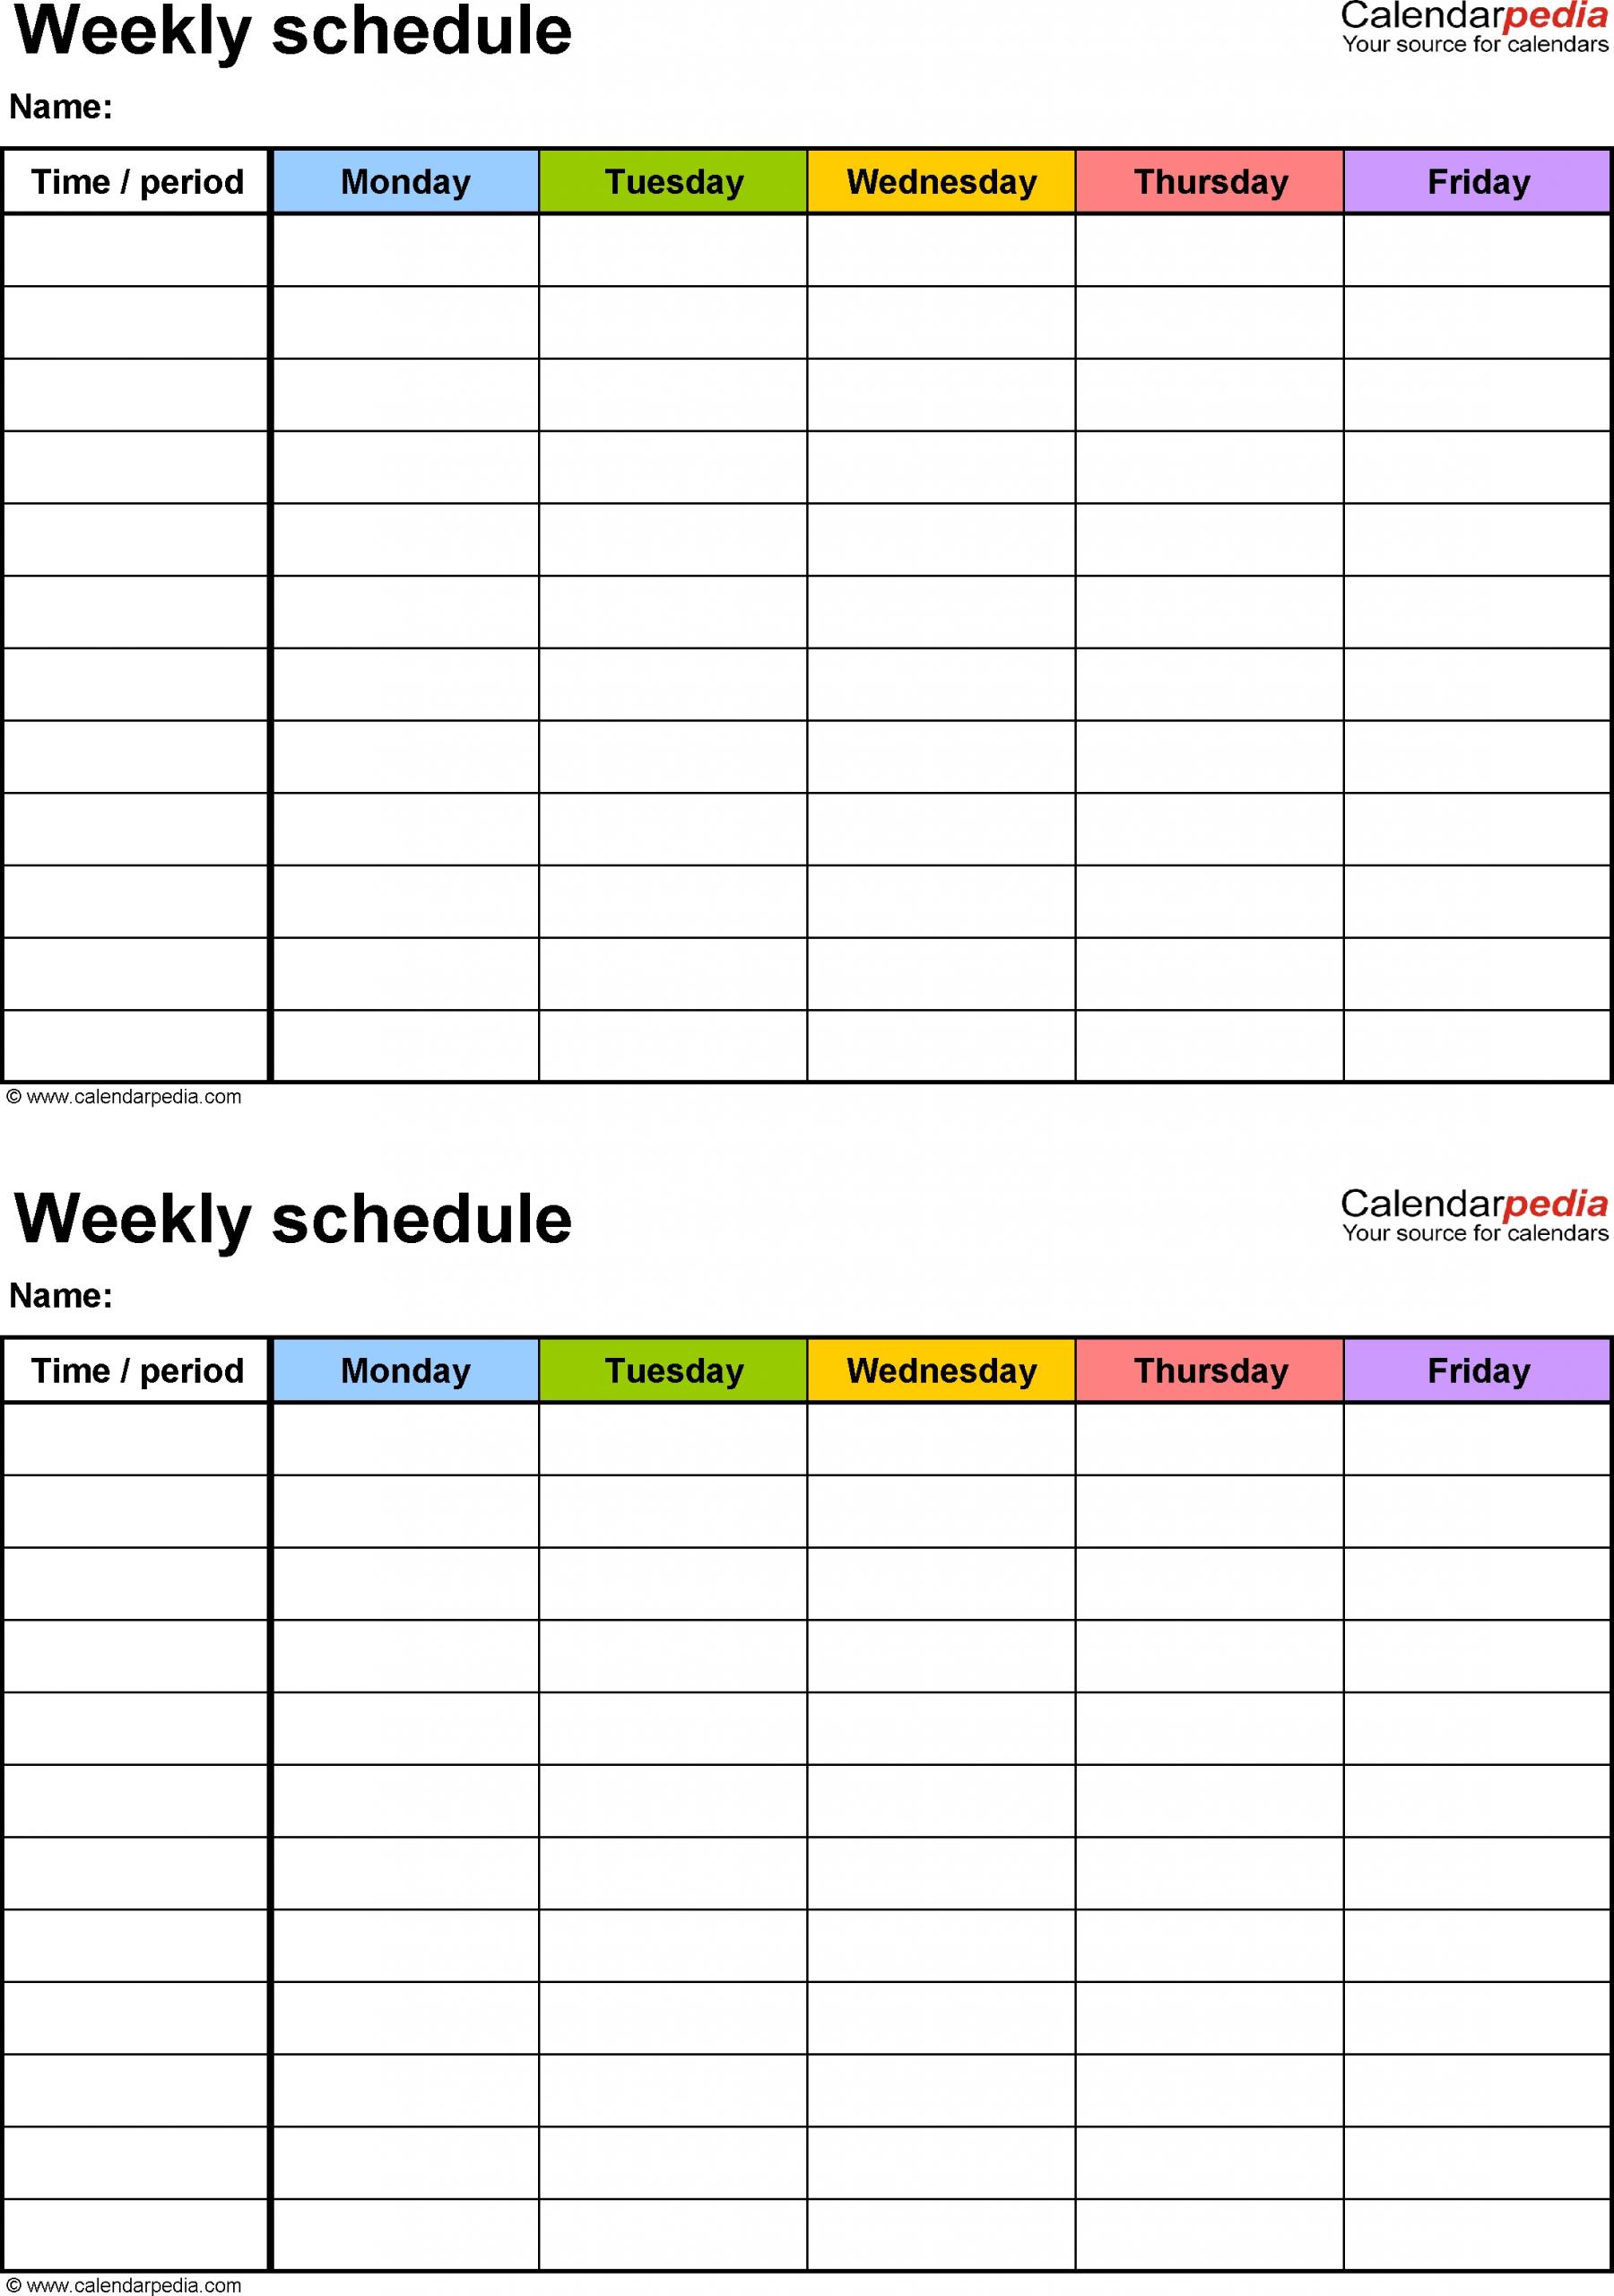 Calendar Template Fillable Pdf | Calendar Template Printable Fillable Blank Calendar Template